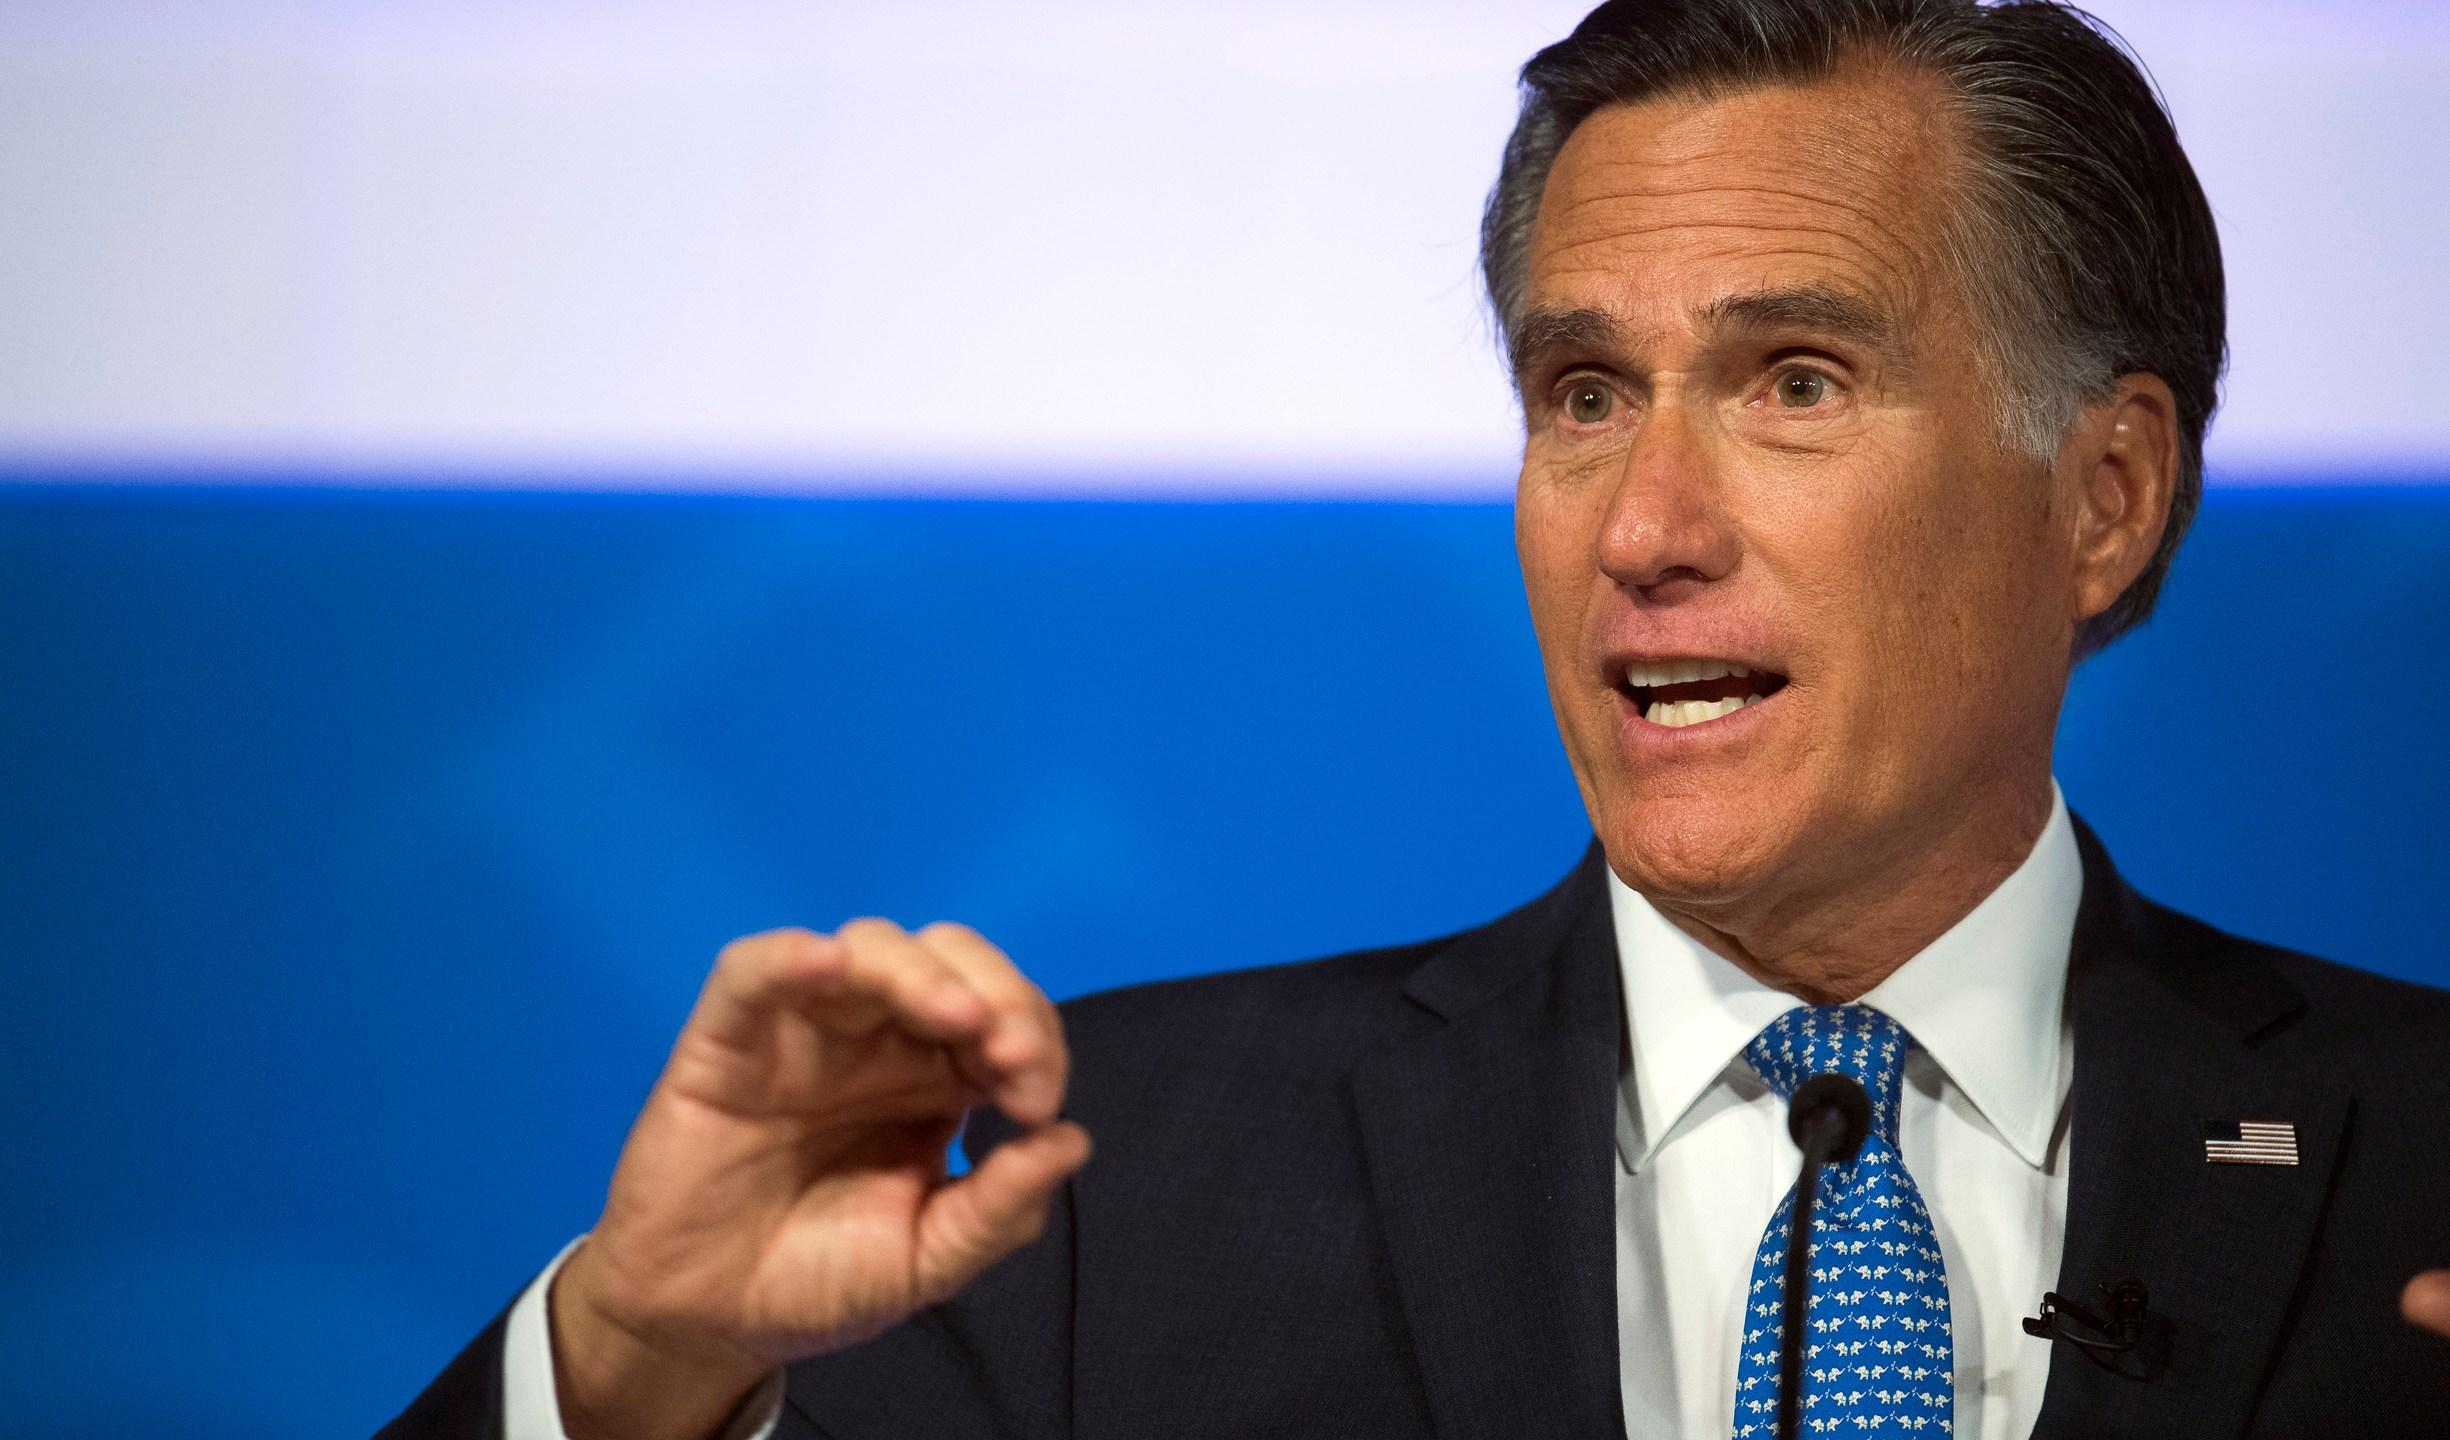 Trump-Romney_44086-159532.jpg01820062